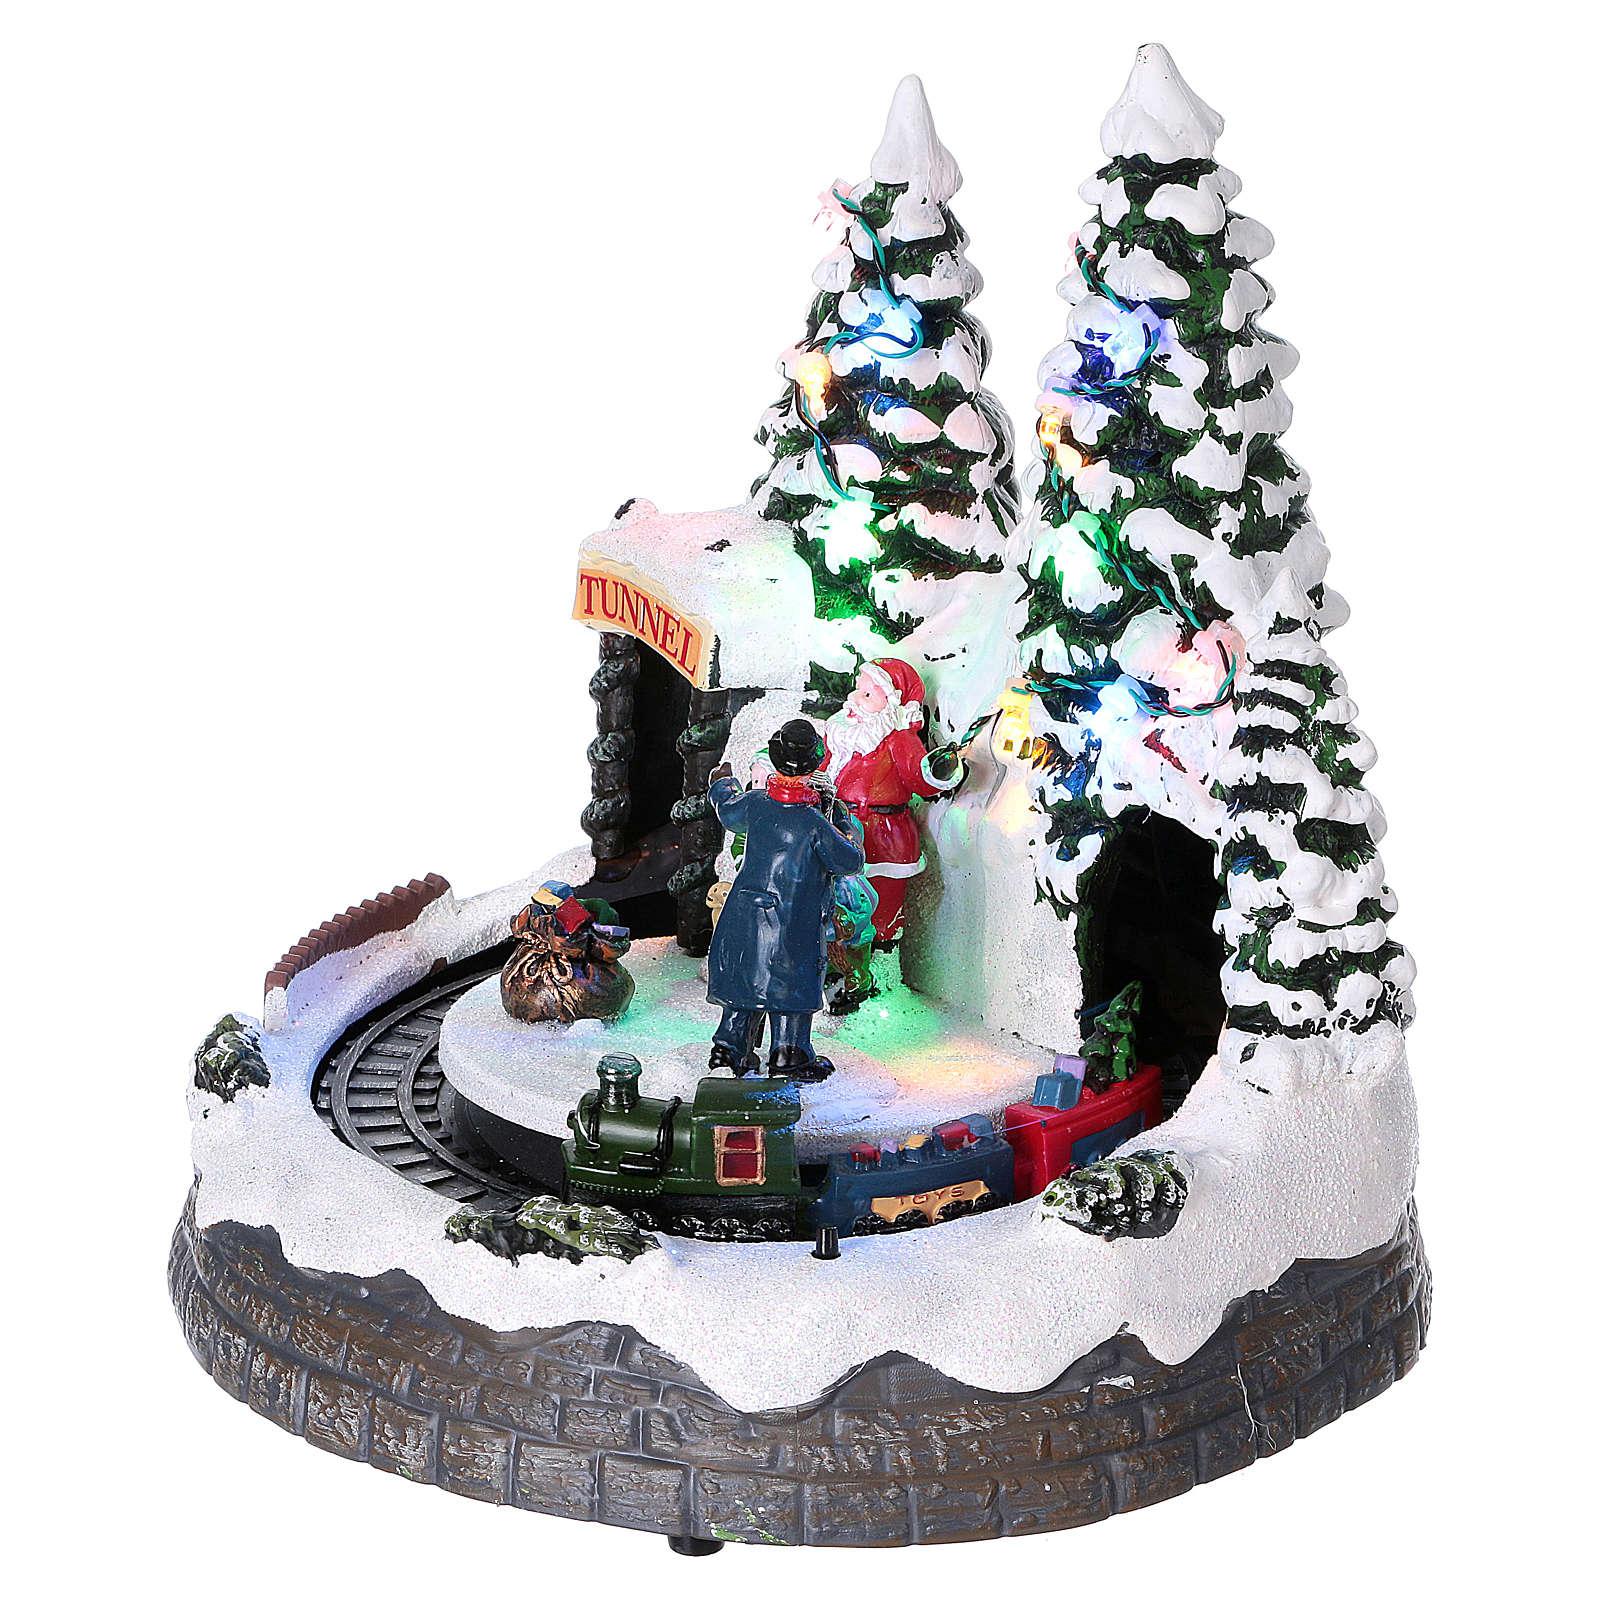 Bożonarodzeniowe miasteczko pociąg poruszający się i fotograf 20x20x20 cm 3